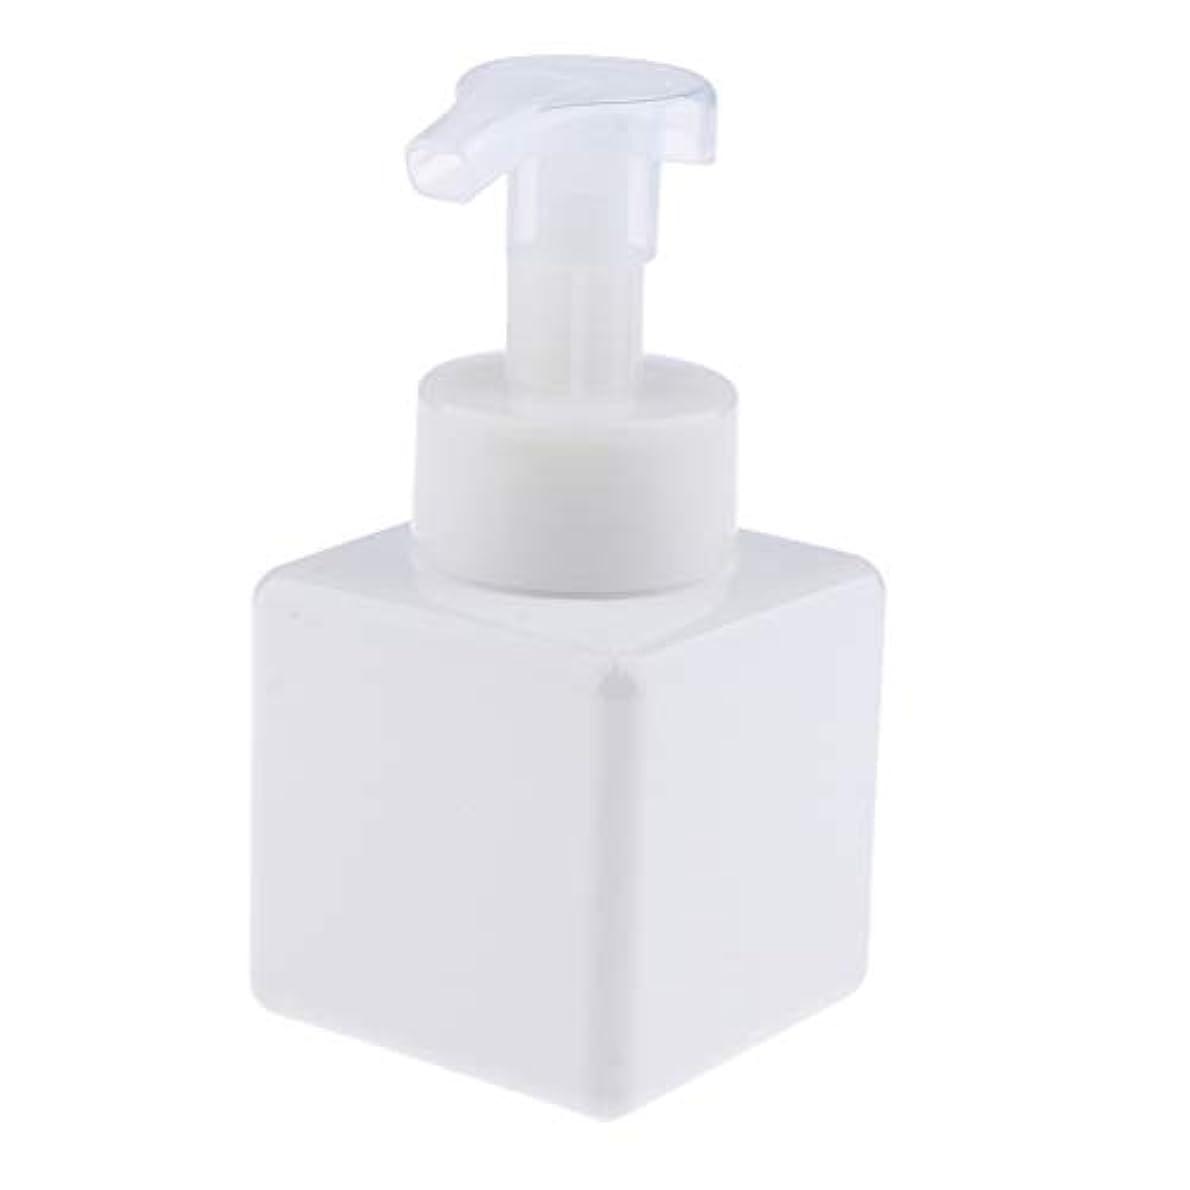 含む近所の宿浴室の台所ホテル用 詰め替え式 泡立つ石鹸ディスペンサーポンプびん 正方形 250ml - 白